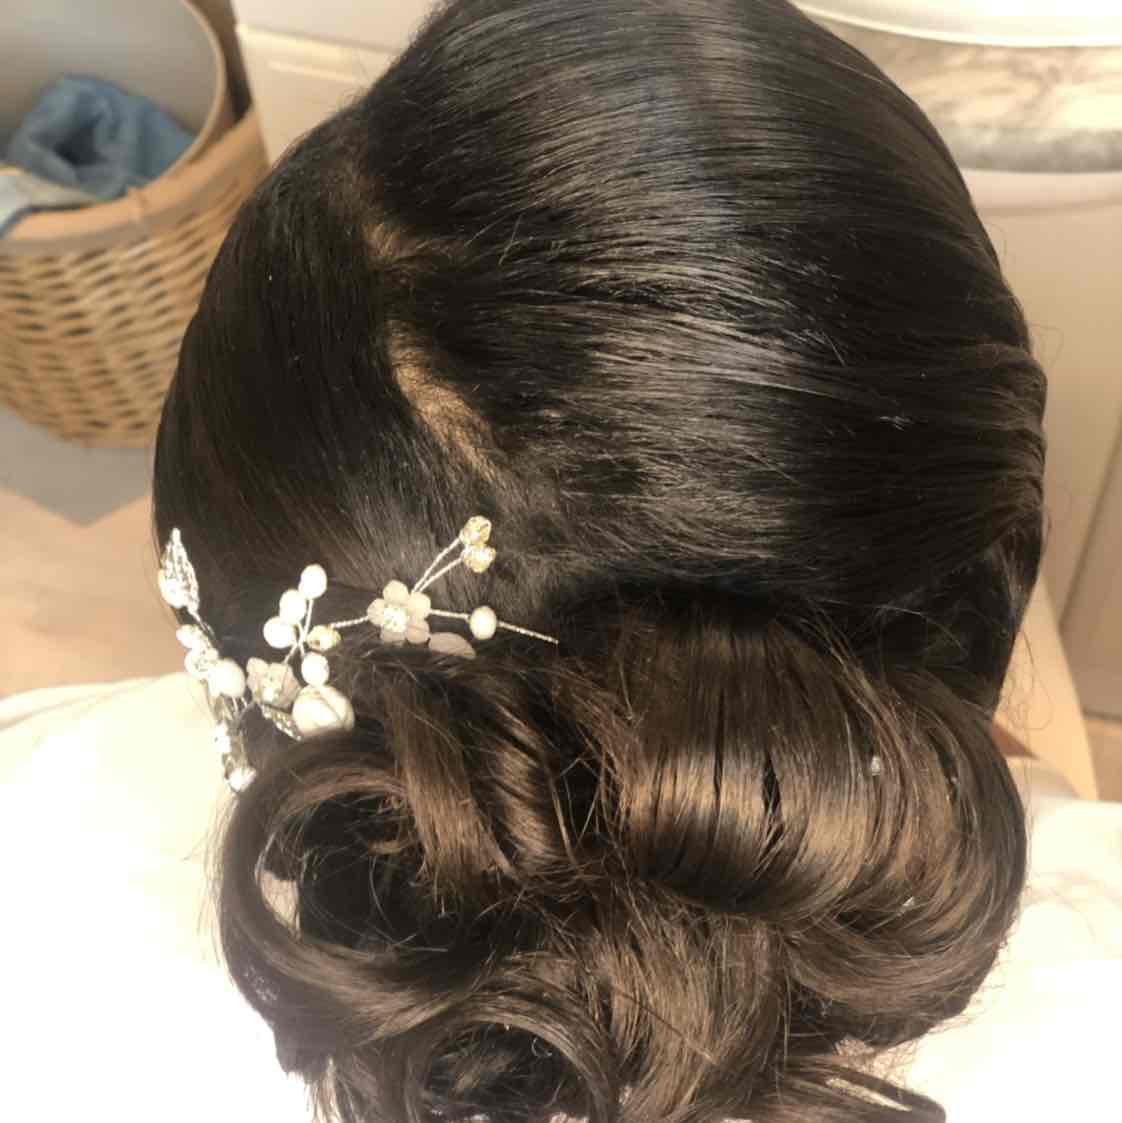 salon de coiffure afro tresse tresses box braids crochet braids vanilles tissages paris 75 77 78 91 92 93 94 95 QZOOPVSS